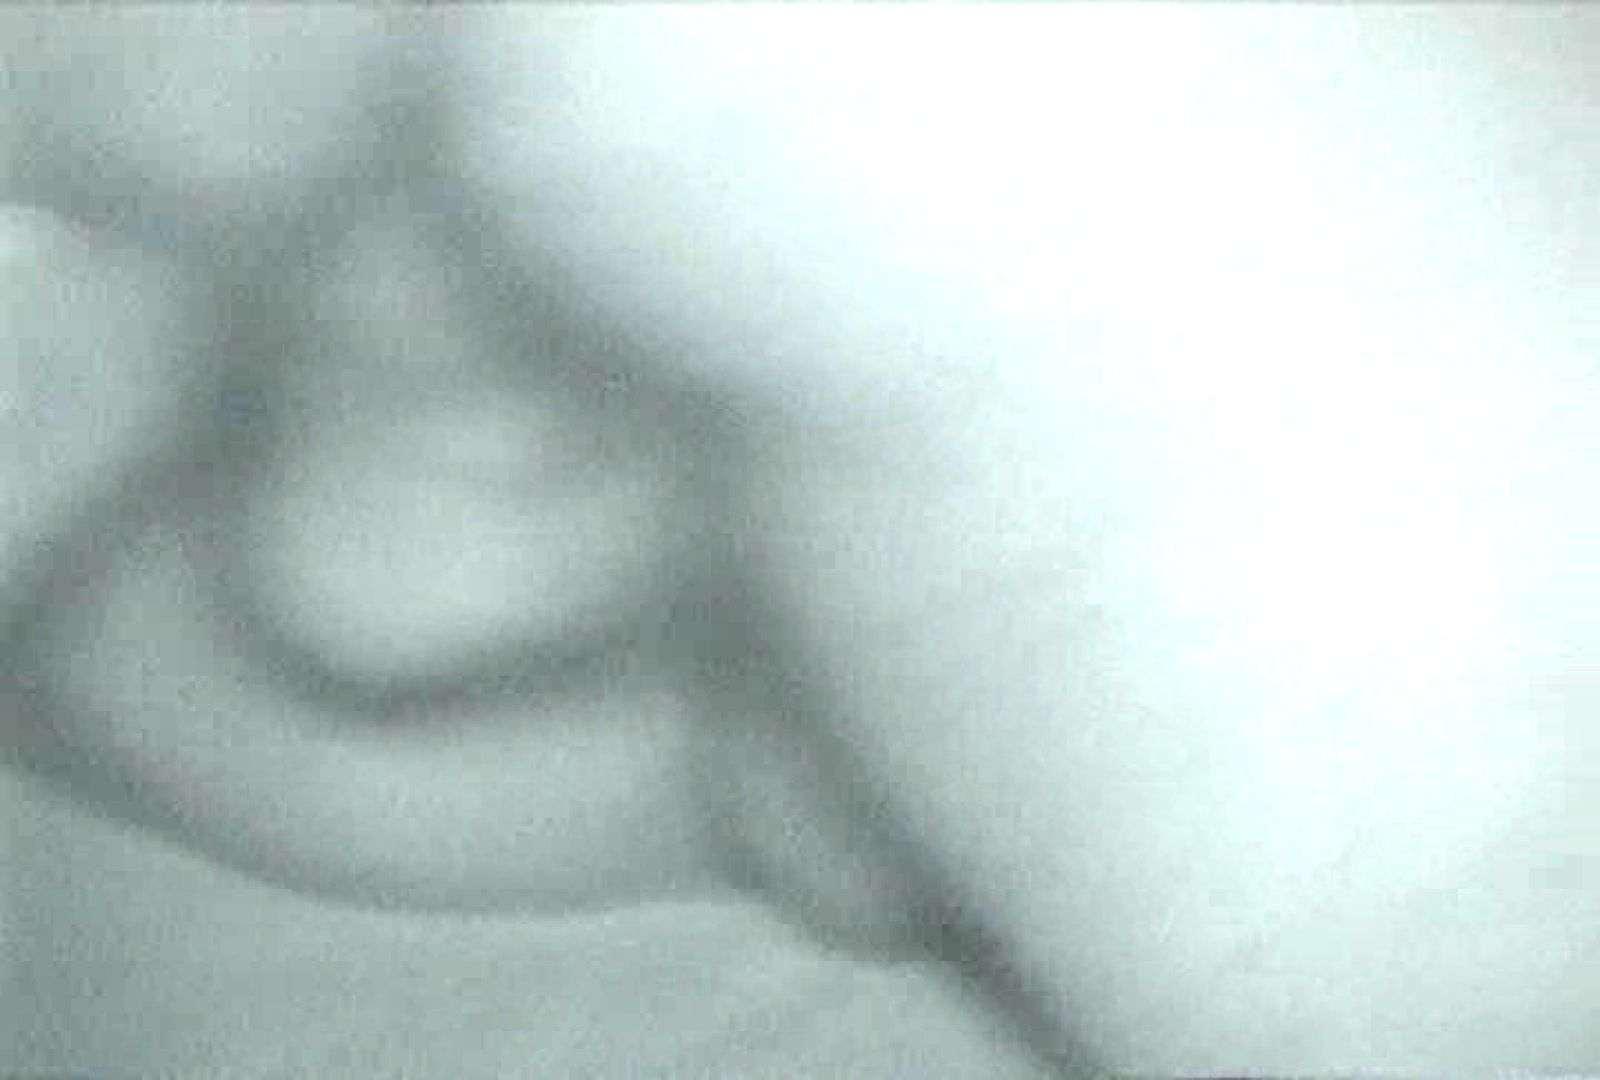 充血監督の深夜の運動会Vol.88 熟女 スケベ動画紹介 51画像 13